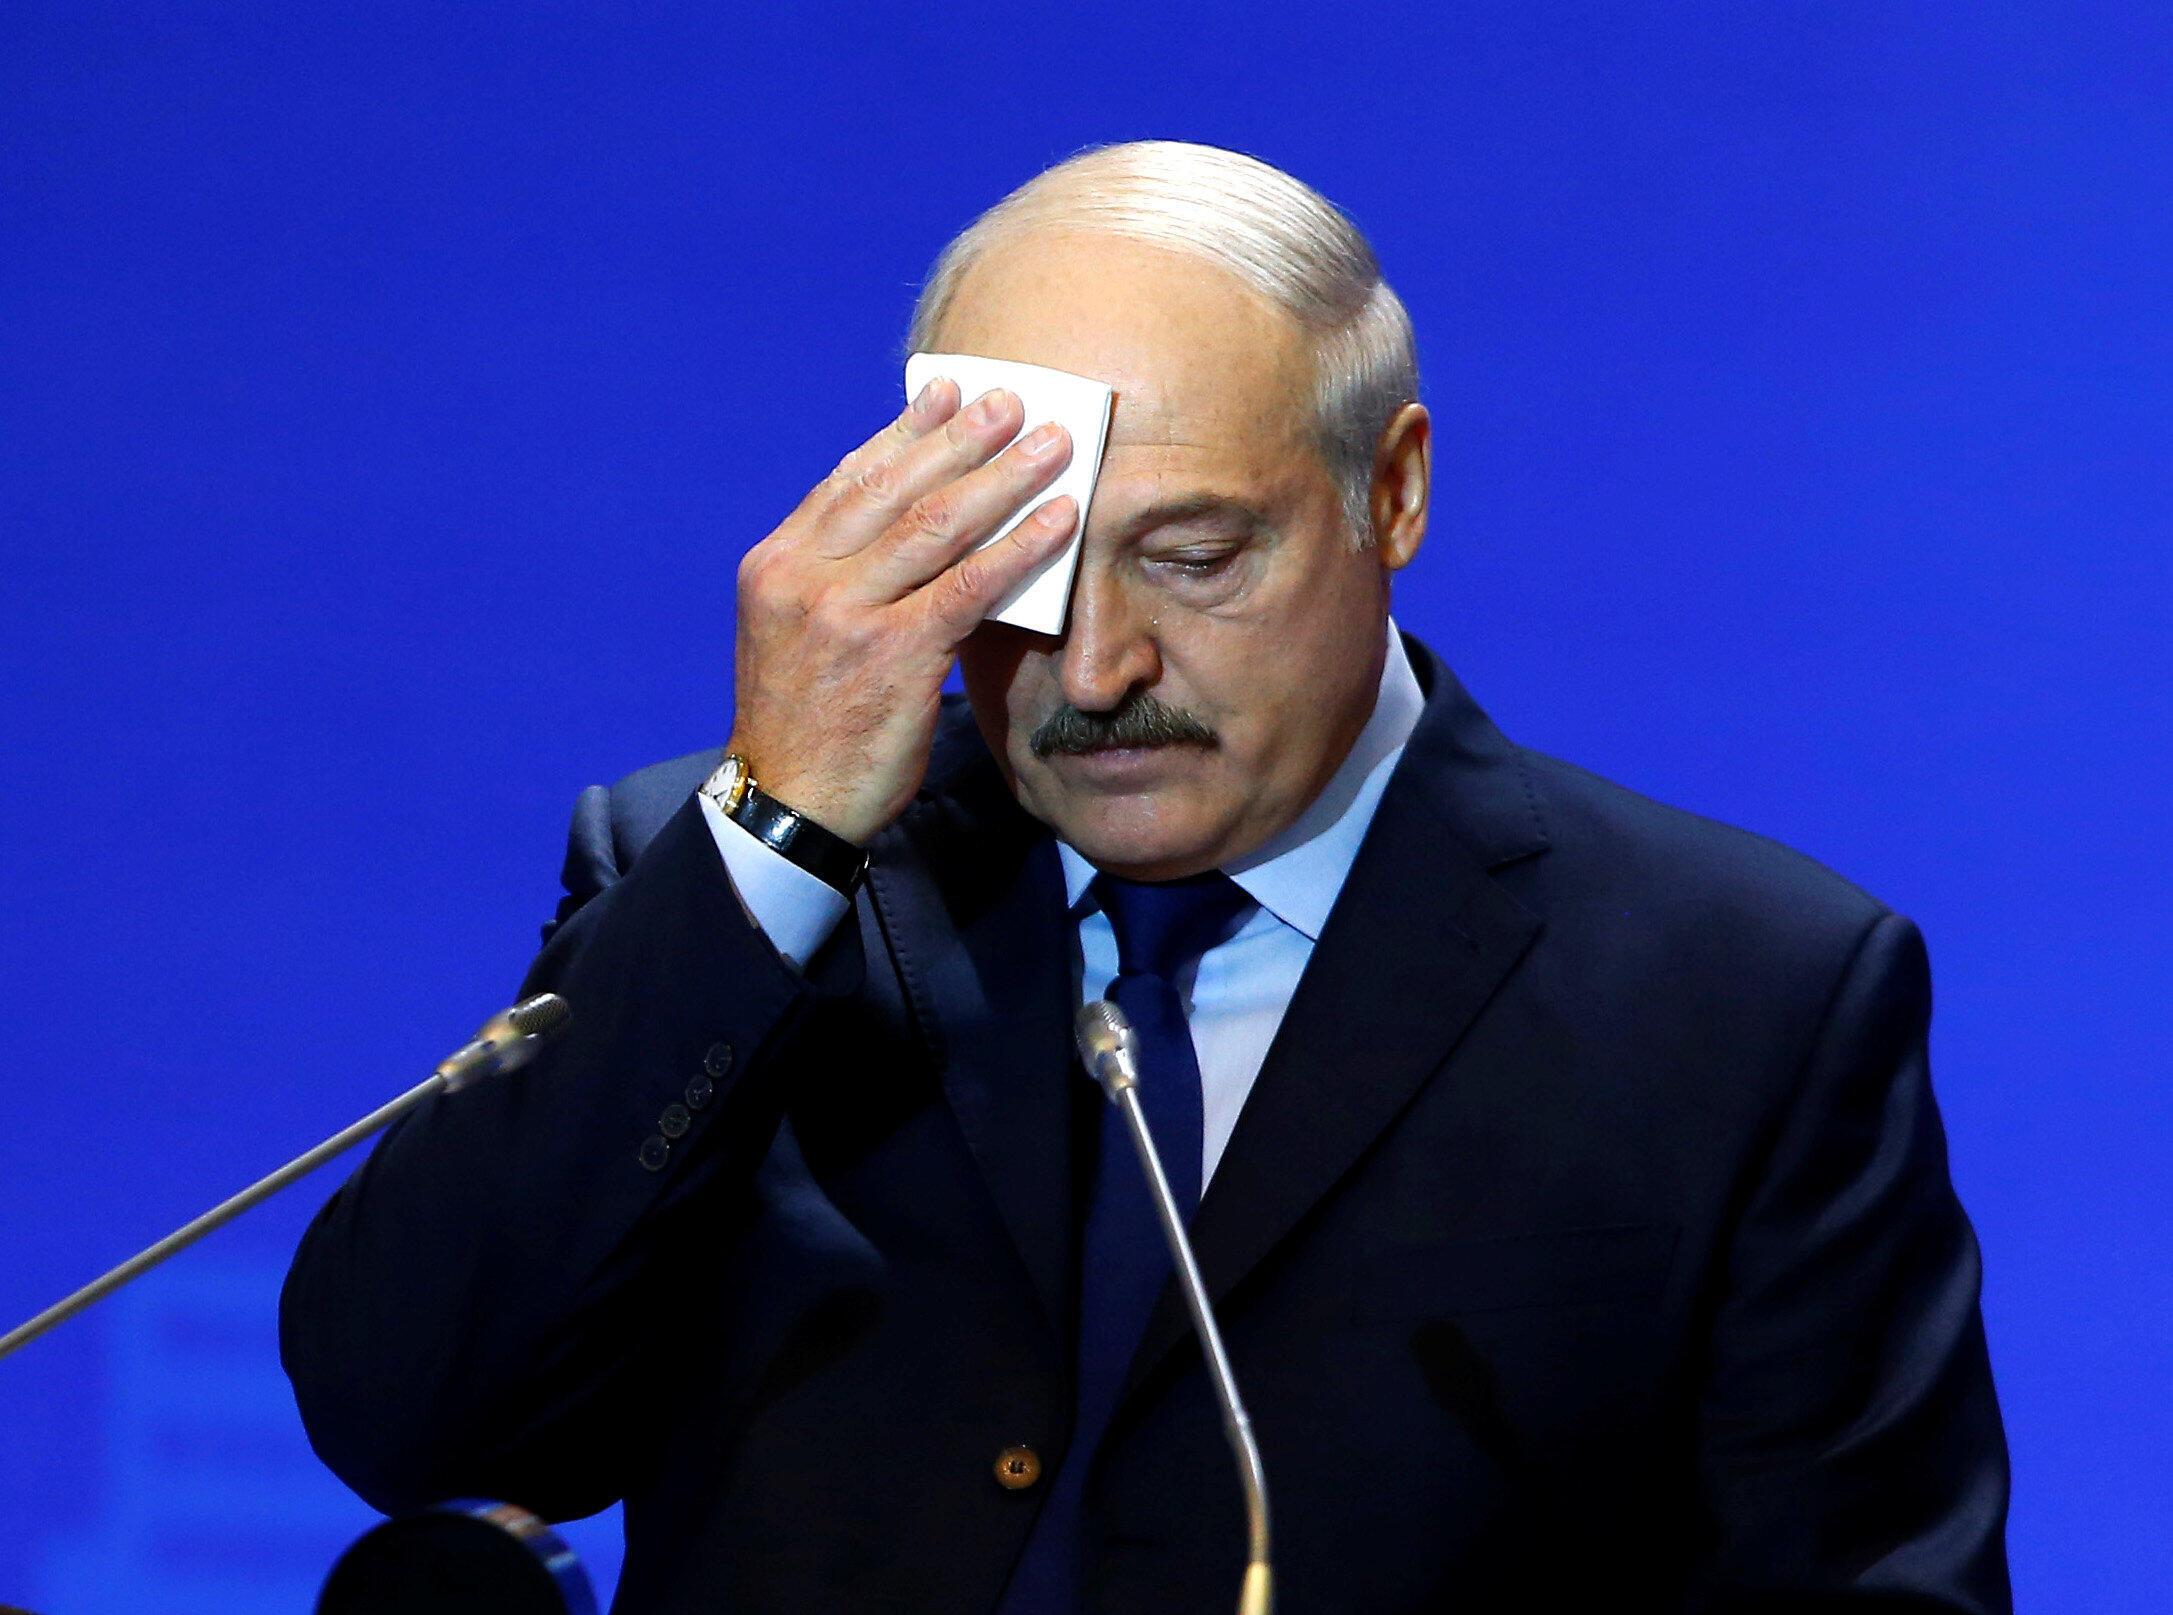 Александр Лукашенко на форуме «Восточная Европа: впоисках безопасности для всех», Минск, 24 мая 2018.